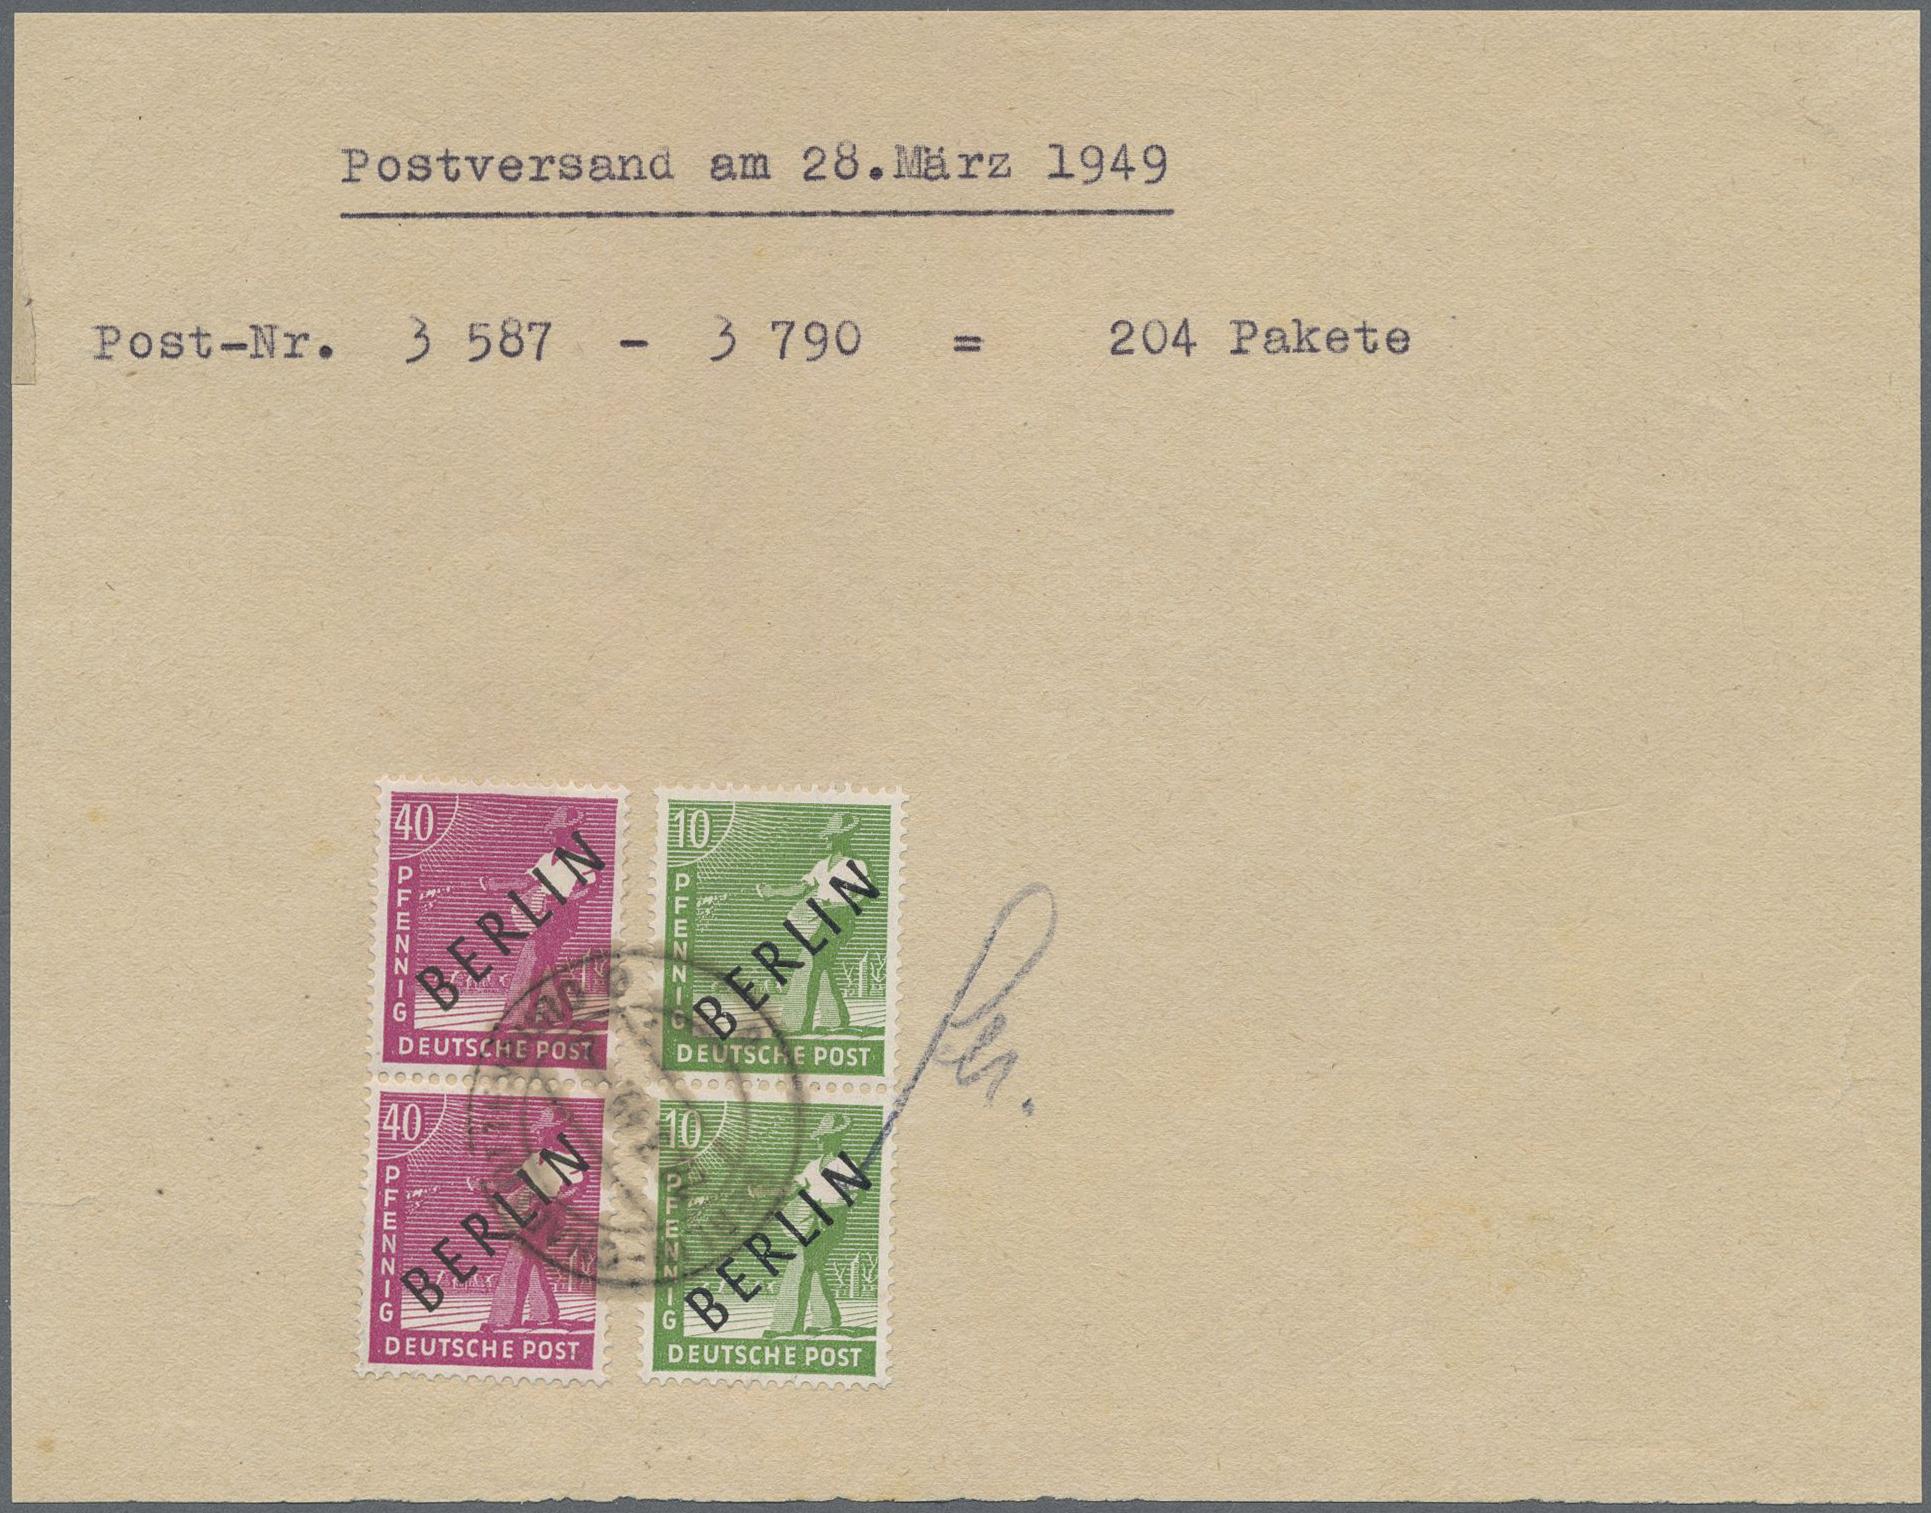 Paket -mef 40 Doppelte Verwendung Selten Am Post Deutschland 60 Pfennig